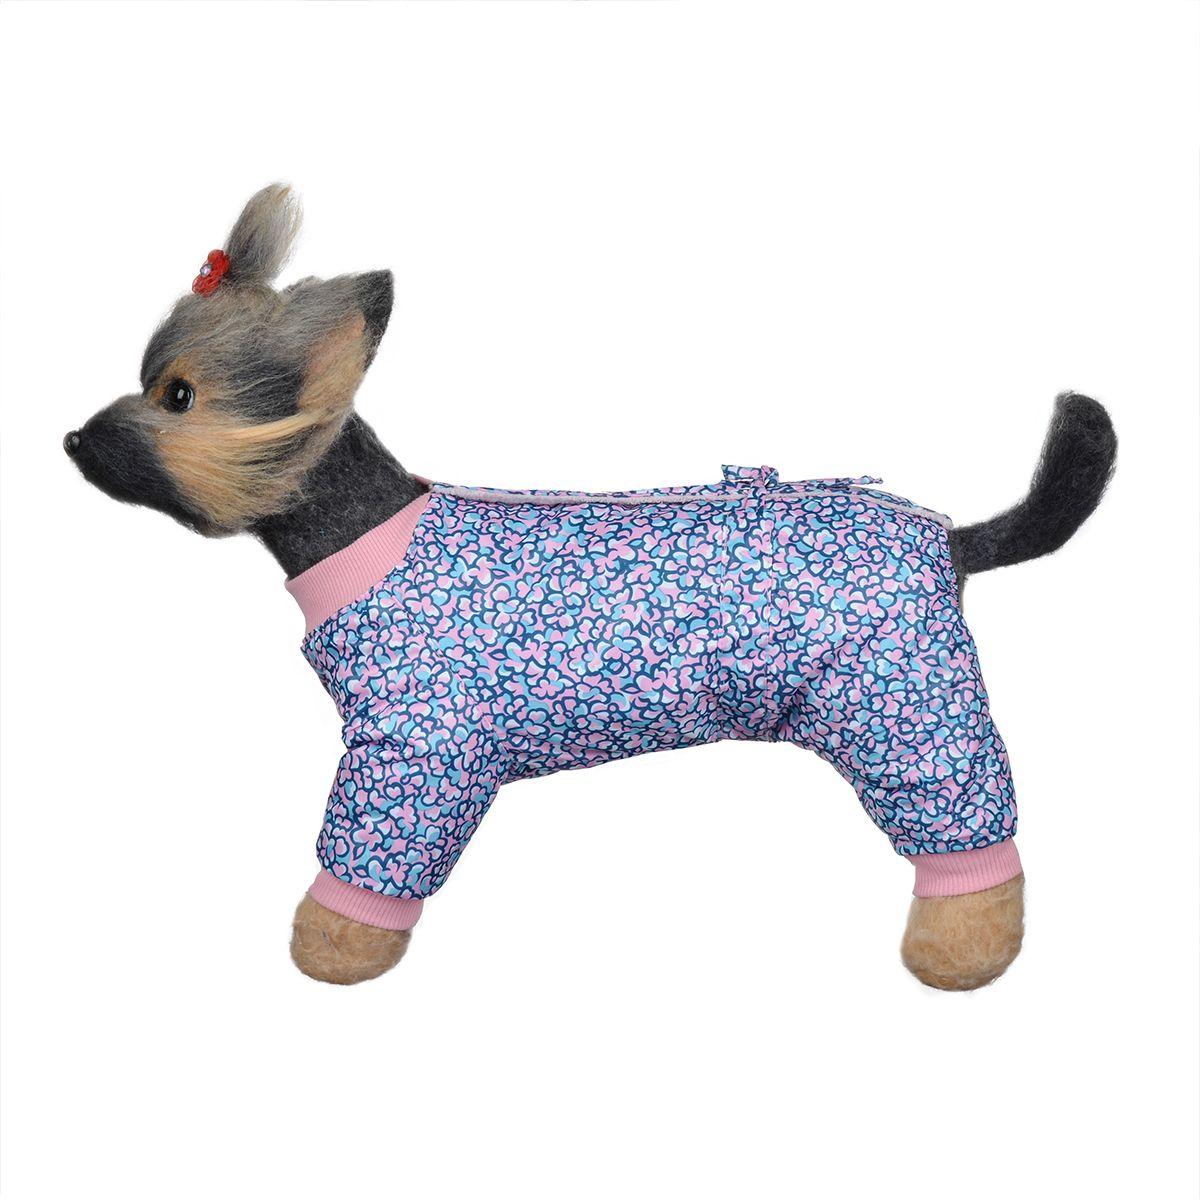 Комбинезон для собак Dogmoda Лаки, зимний, для девочки, цвет: розовый, синий. Размер 3 (L)0120710Комбинезон для собак Dogmoda Лаки, оформленный ярким цветочным рисунком, отлично подойдет для прогулок в зимнее время года. Комбинезон изготовлен из водоотталкивающего полиэстера, защищающего от ветра и снега, с утеплителем из синтепона, который сохранит тепло даже в сильные морозы, а в качестве подкладки используется искусственный мех, который обеспечивает отличный воздухообмен. Комбинезон застегивается на кнопки на спинке, благодаря чему его легко надевать и снимать. Ворот, низ рукавов и брючин оснащены широкими трикотажными манжетами, которые мягко обхватывают шею и лапки, не позволяя просачиваться холодному воздуху. На пояснице комбинезон затягивается на шнурок-кулиску. Изделие имеет максимально закрытый животик. Благодаря такому комбинезону простуда не грозит вашему питомцу, и он сможет испытать не сравнимое удовольствие от снежных игр и забав.